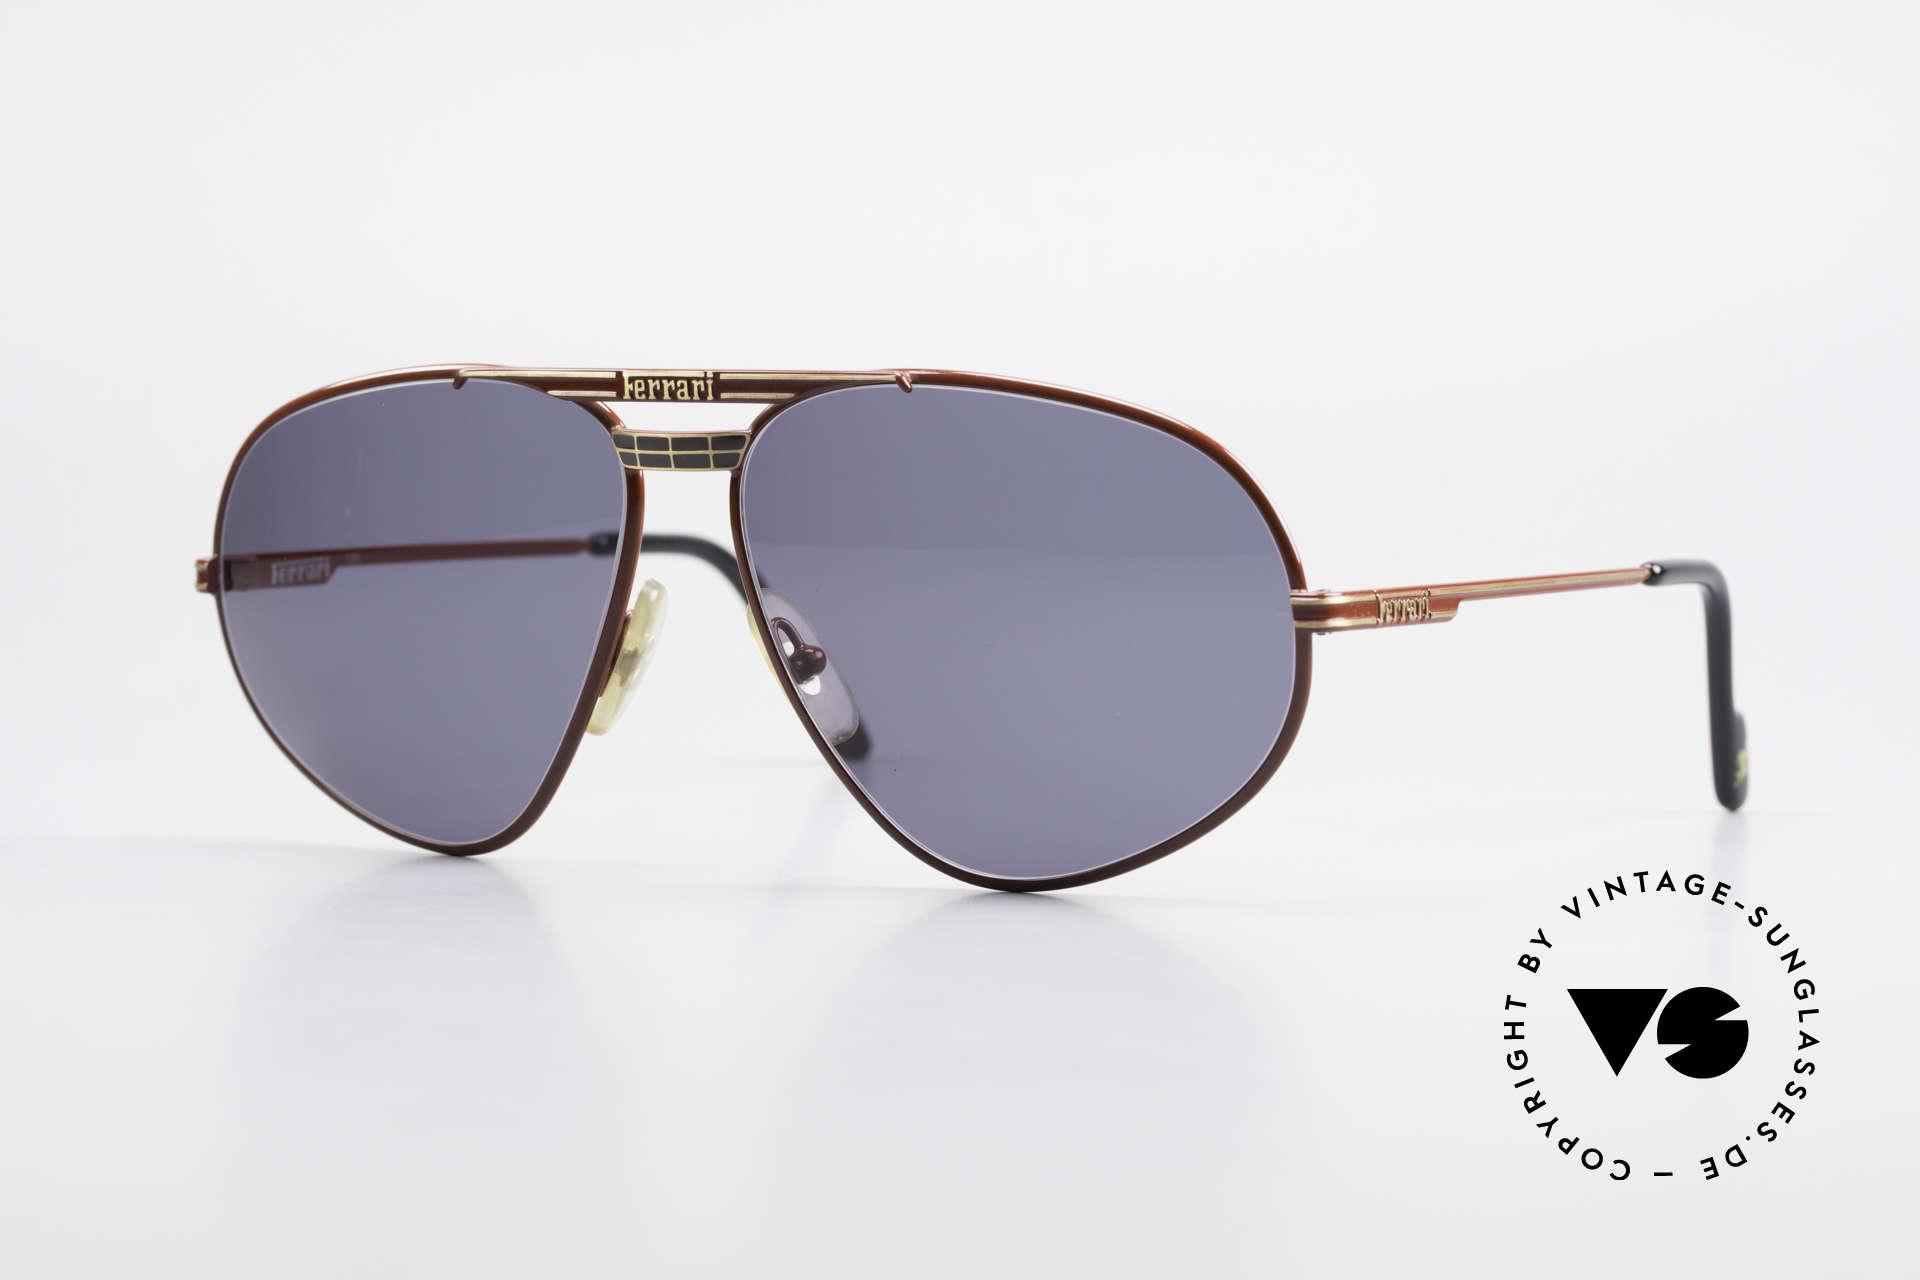 Ferrari F12 Old Vintage Luxury Sunglasses, vintage Ferrari designer sunglasses from the 1990's, Made for Men